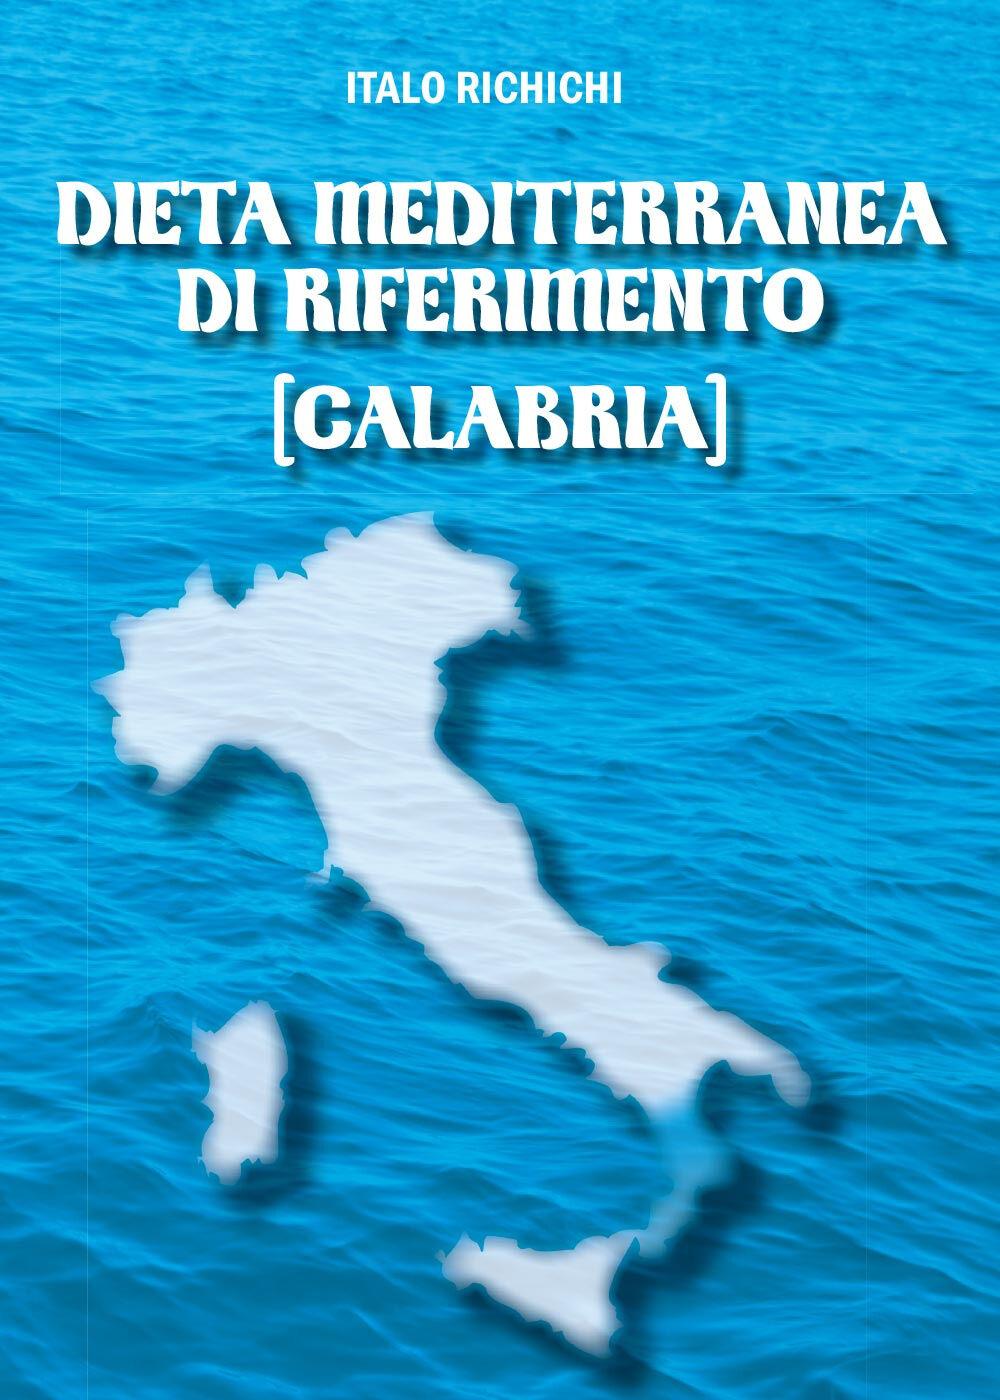 Dieta mediterranea di riferimento (Calabria)